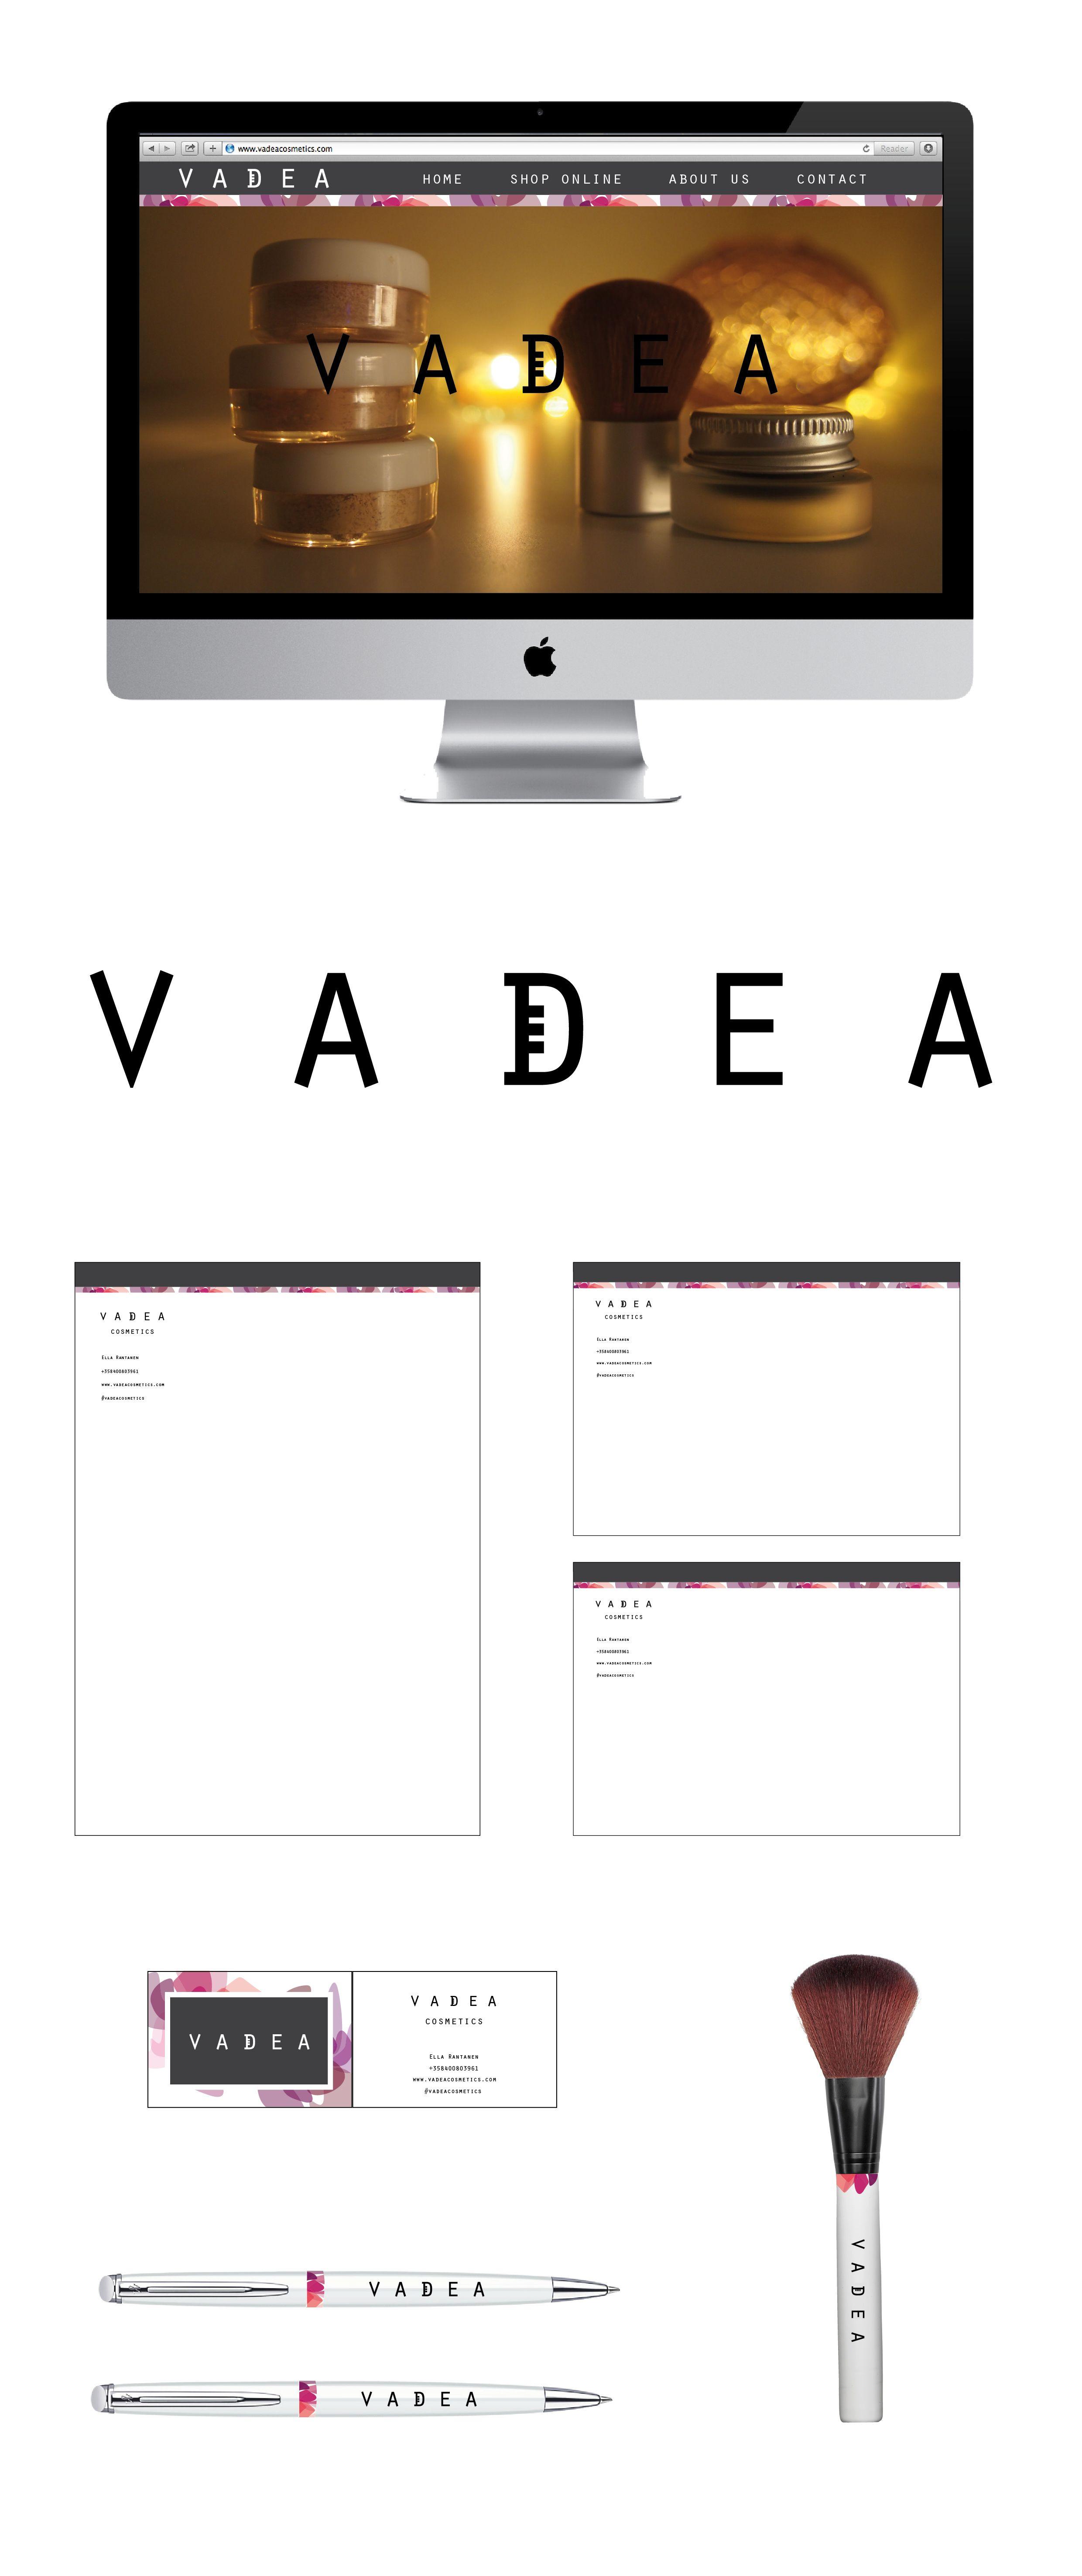 Yritysilme keksitylle kosmetiikkabrändille, Vadealle